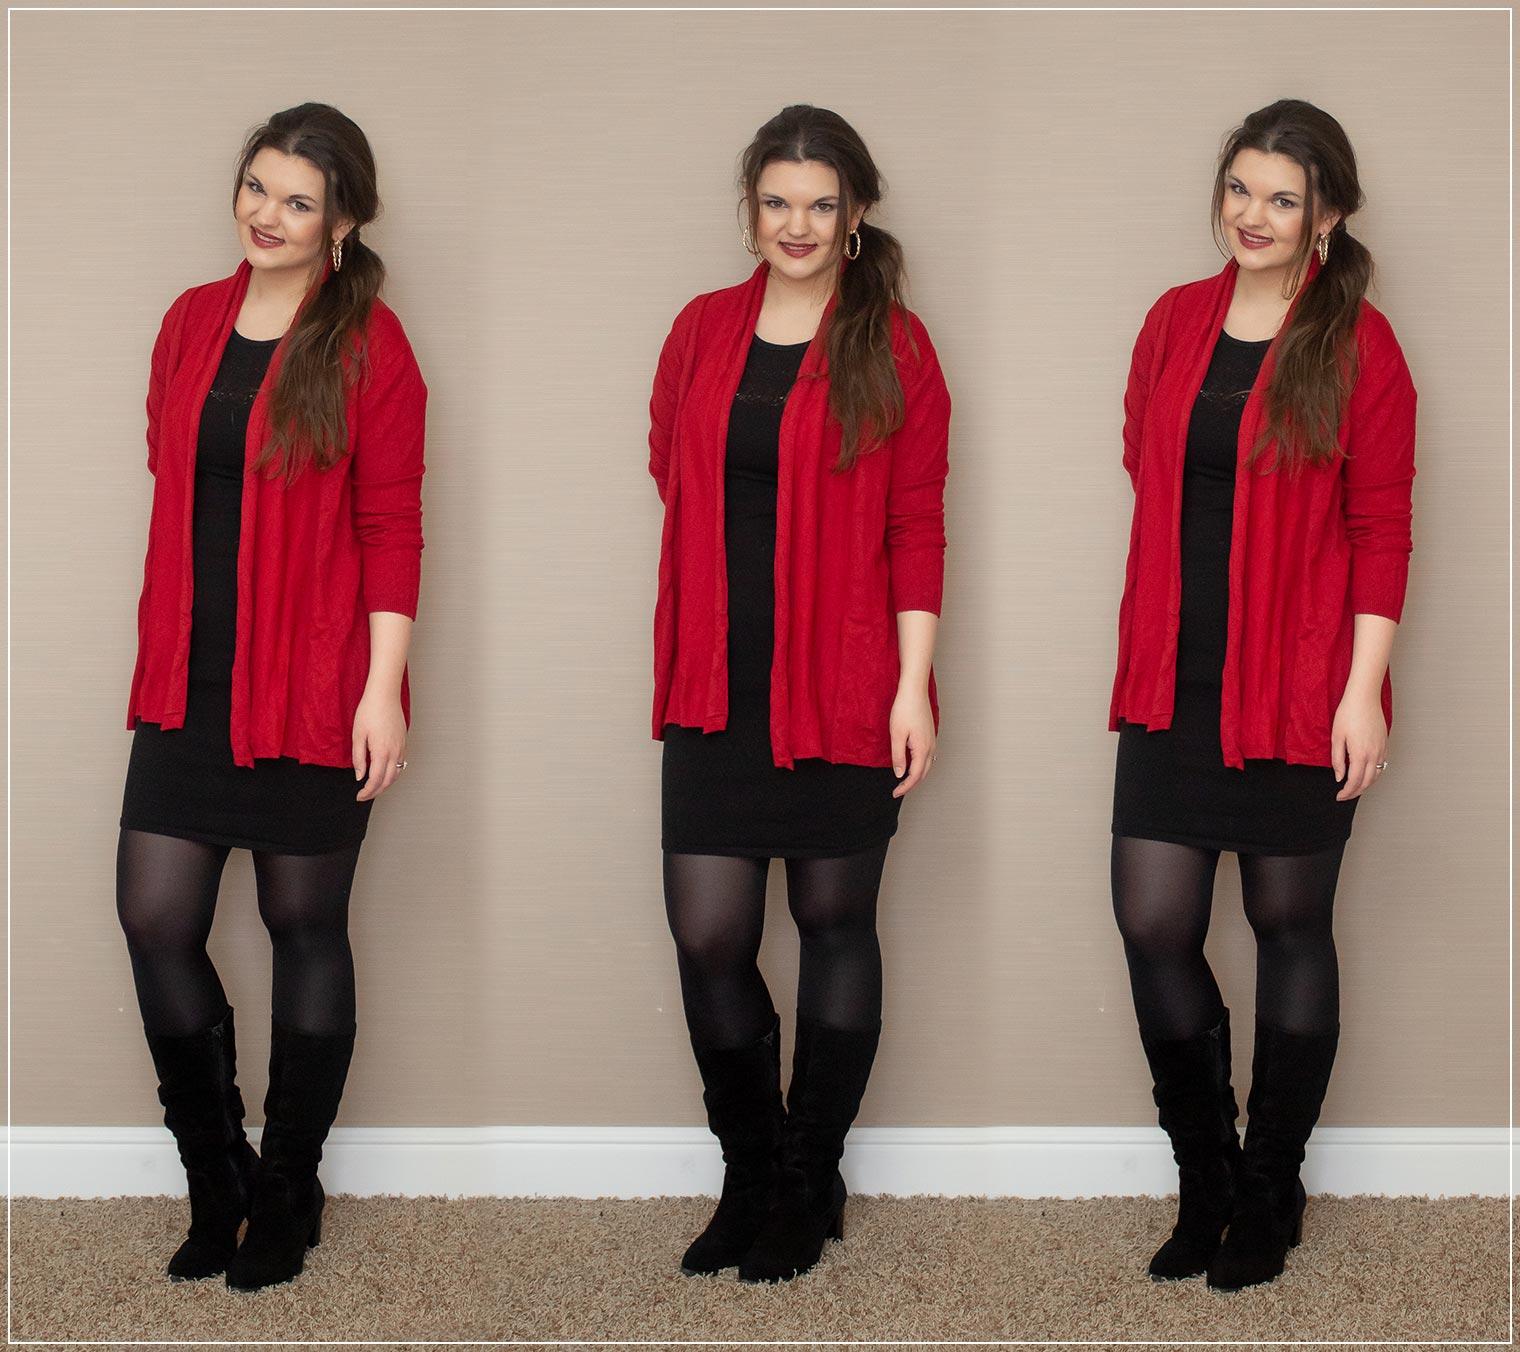 Rot und schwarz als Outfit im Alltag, Dailylooks